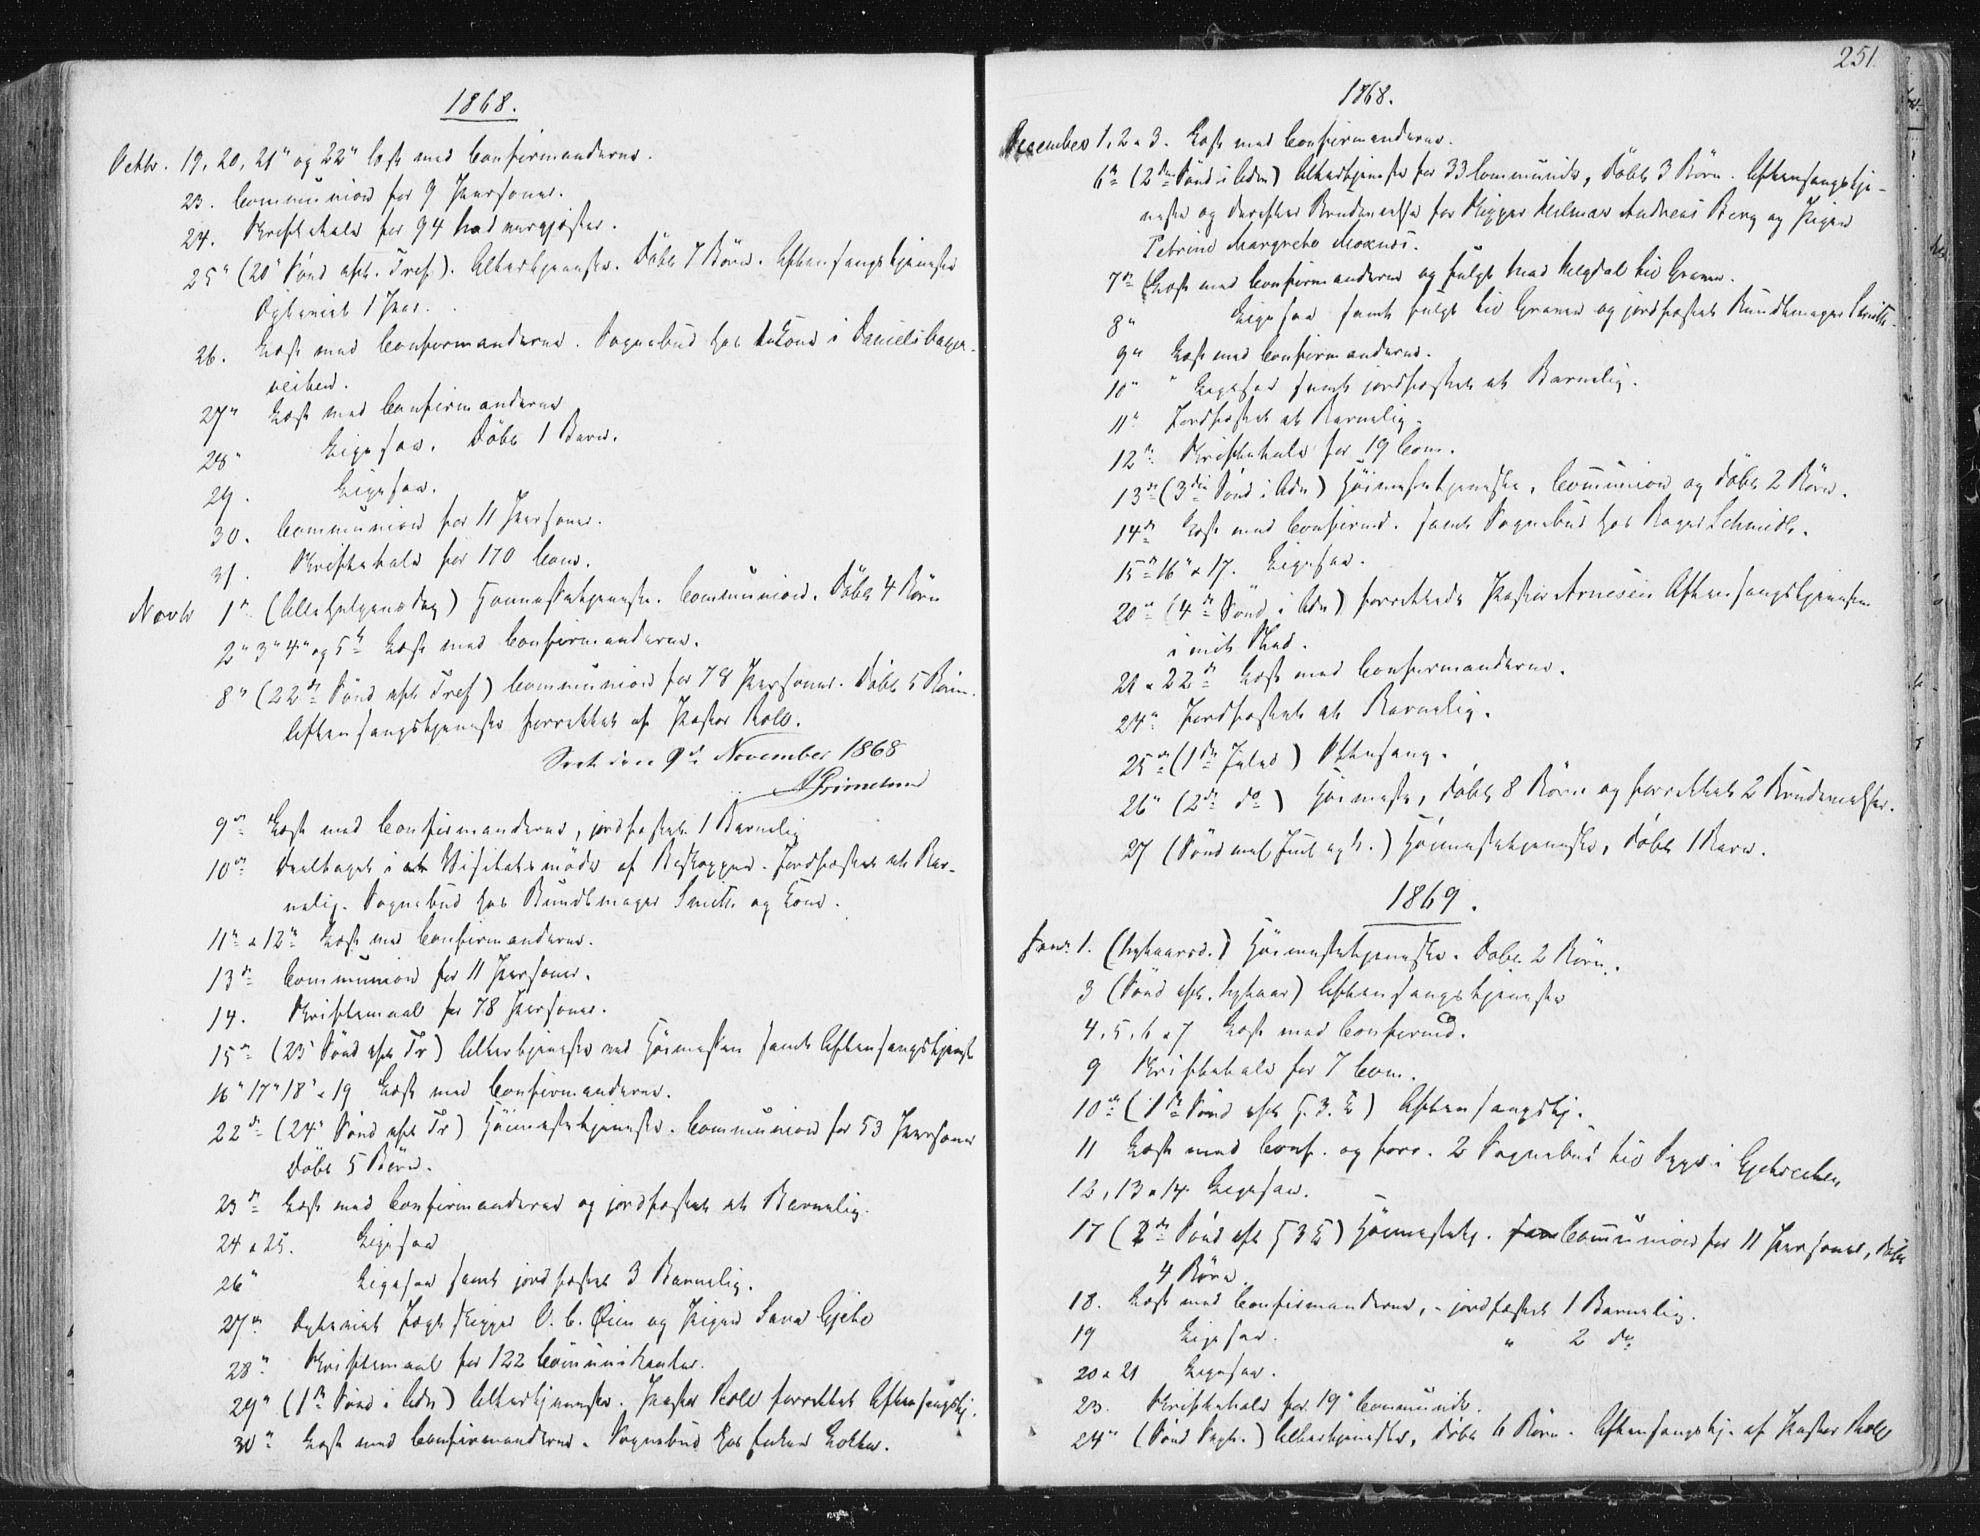 SAT, Ministerialprotokoller, klokkerbøker og fødselsregistre - Sør-Trøndelag, 602/L0127: Residerende kapellans bok nr. 602B01, 1821-1875, s. 251